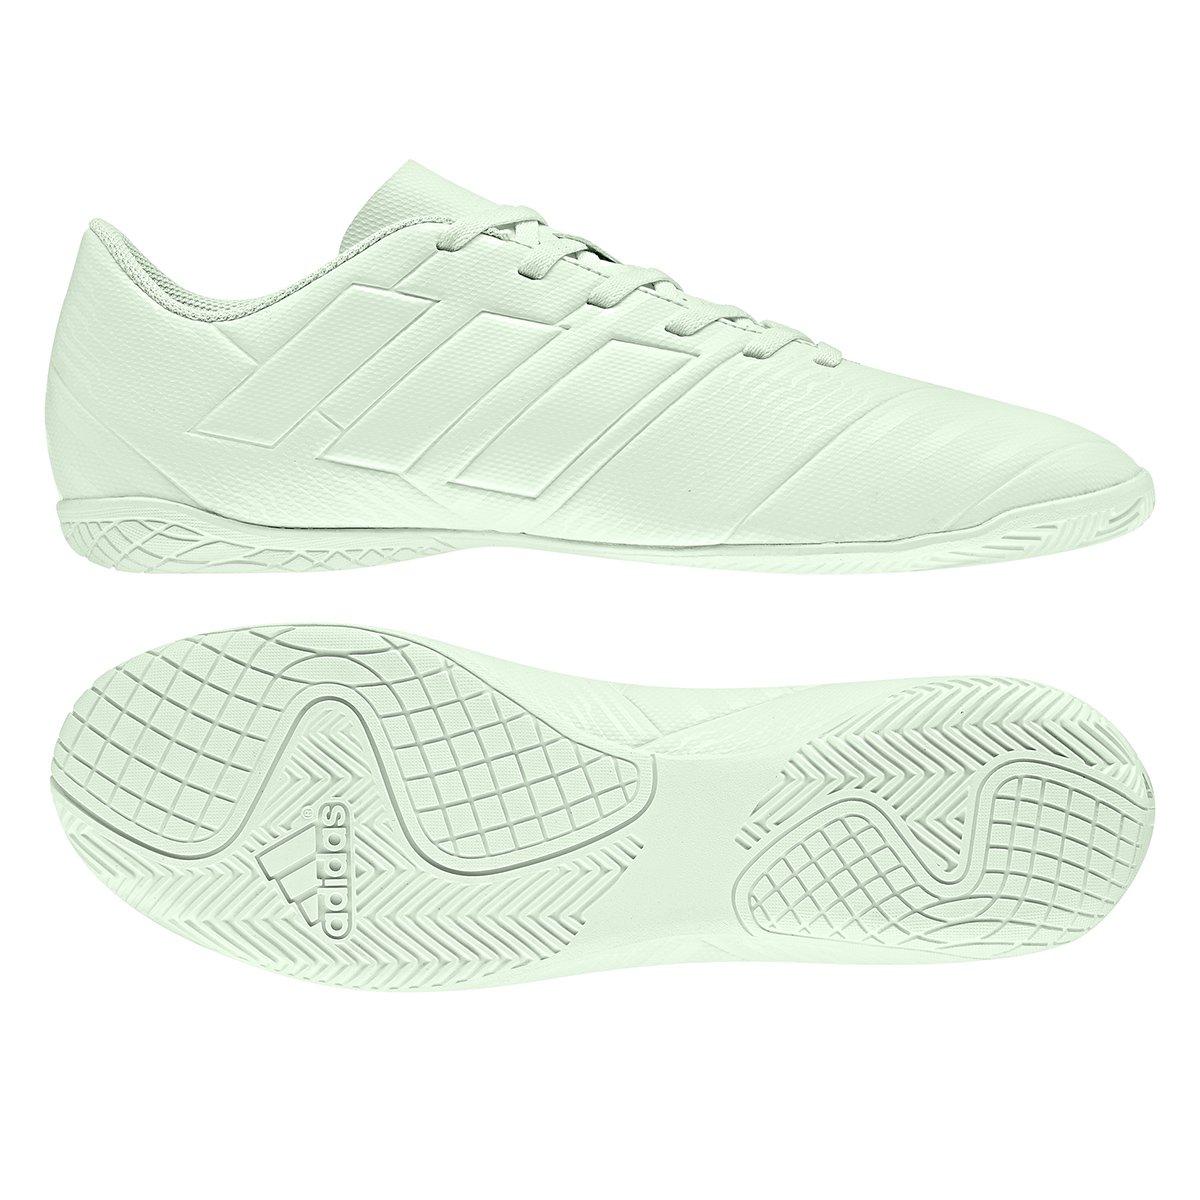 6519bd03a01d Chuteira Futsal Adidas Nemeziz 17 4 IN - Compre Agora